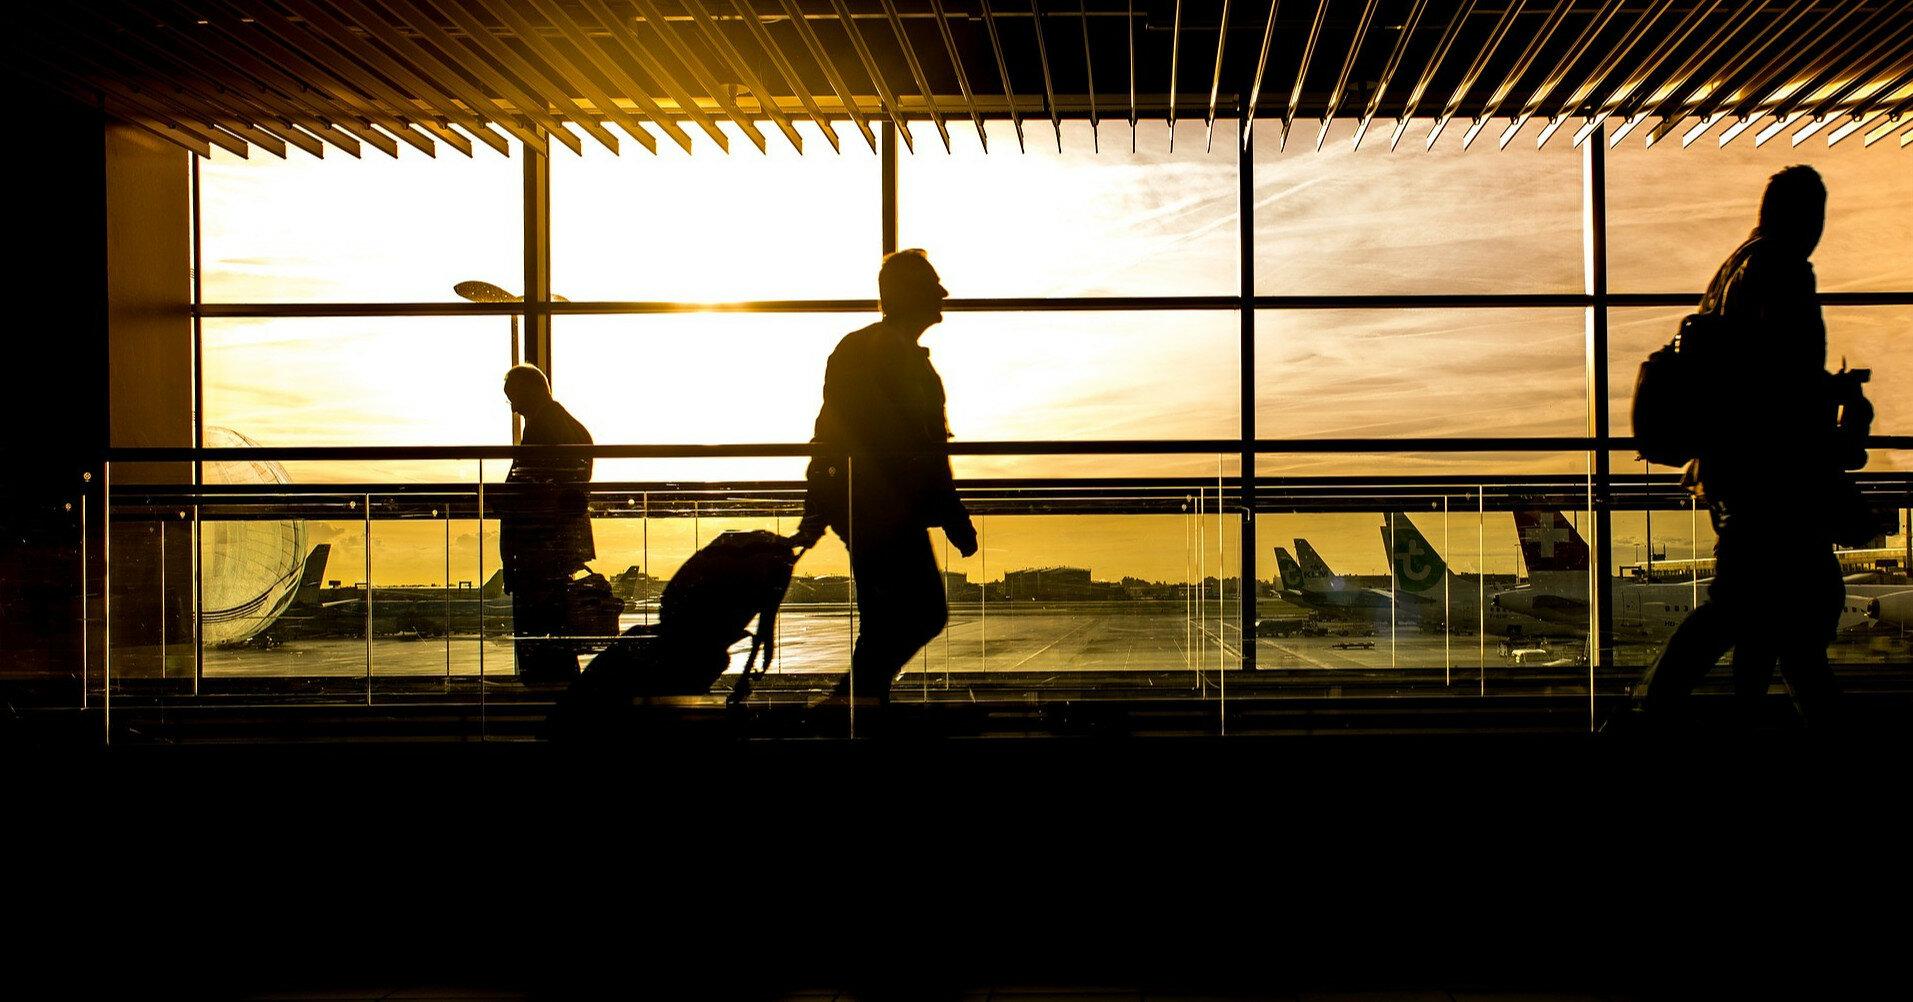 Еврокомиссия хочет ослабить ограничения на путешествия